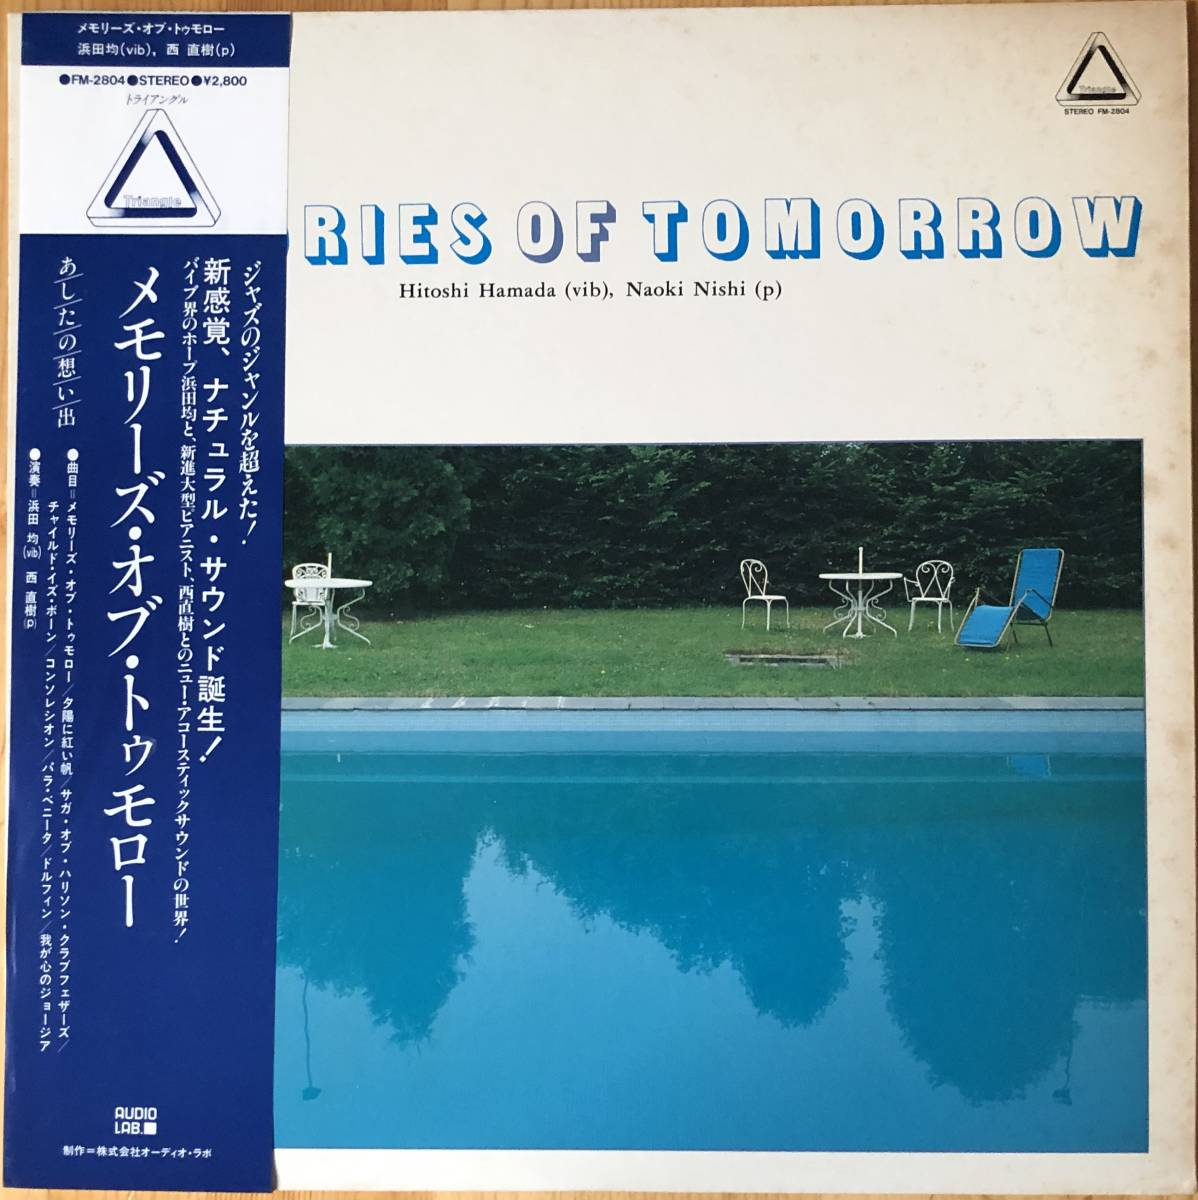 極美盤!浜田均 西直樹 メモリーズ・オブ・トゥモロー LP レコード 和ジャズ TRIANGLE FM-2804